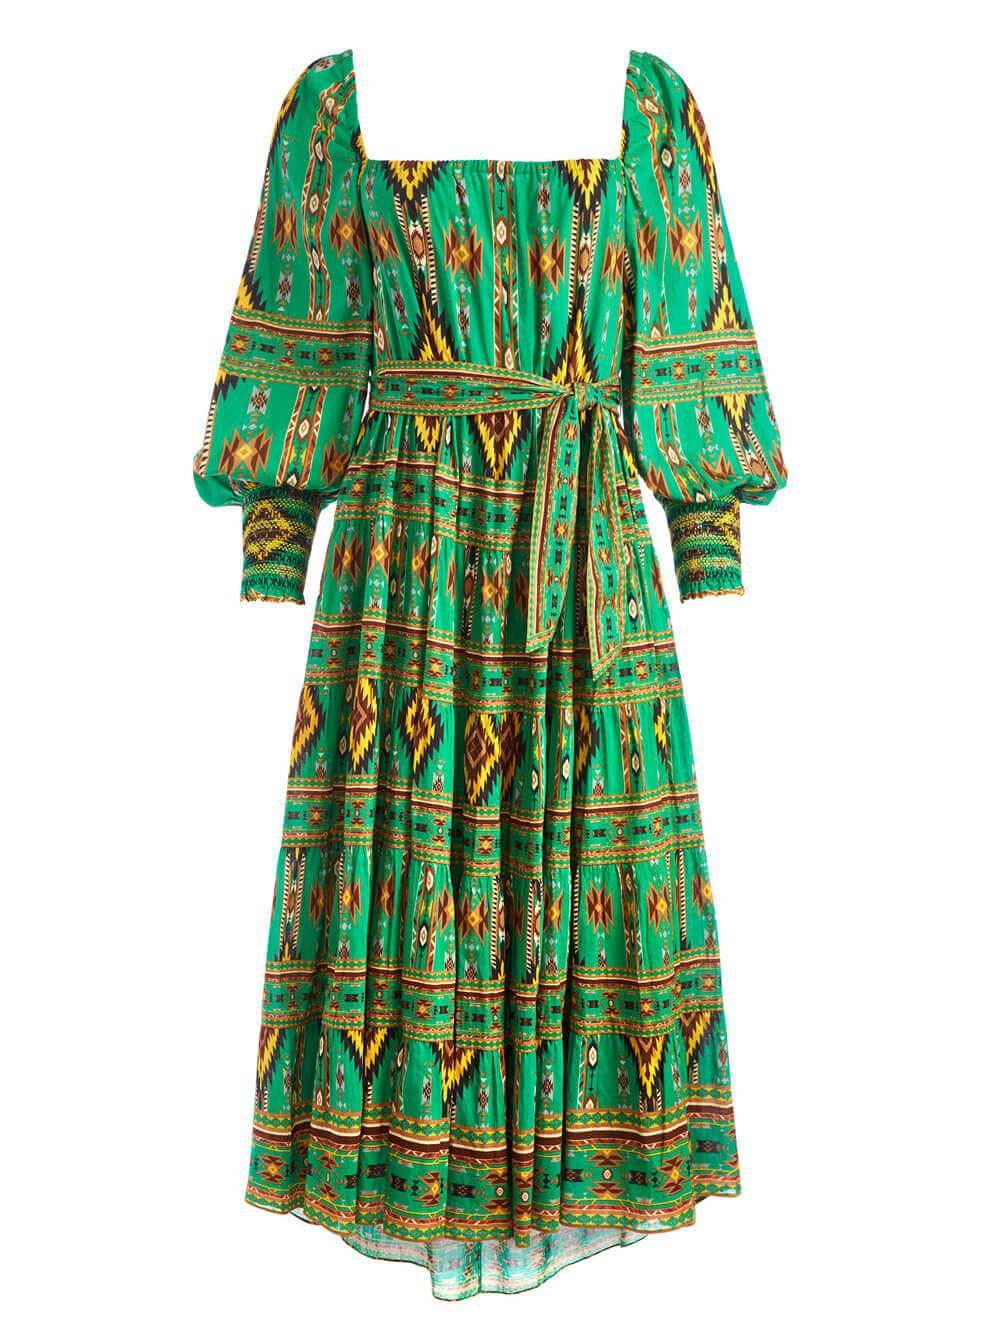 Rowen Dress Item # CC107P42505